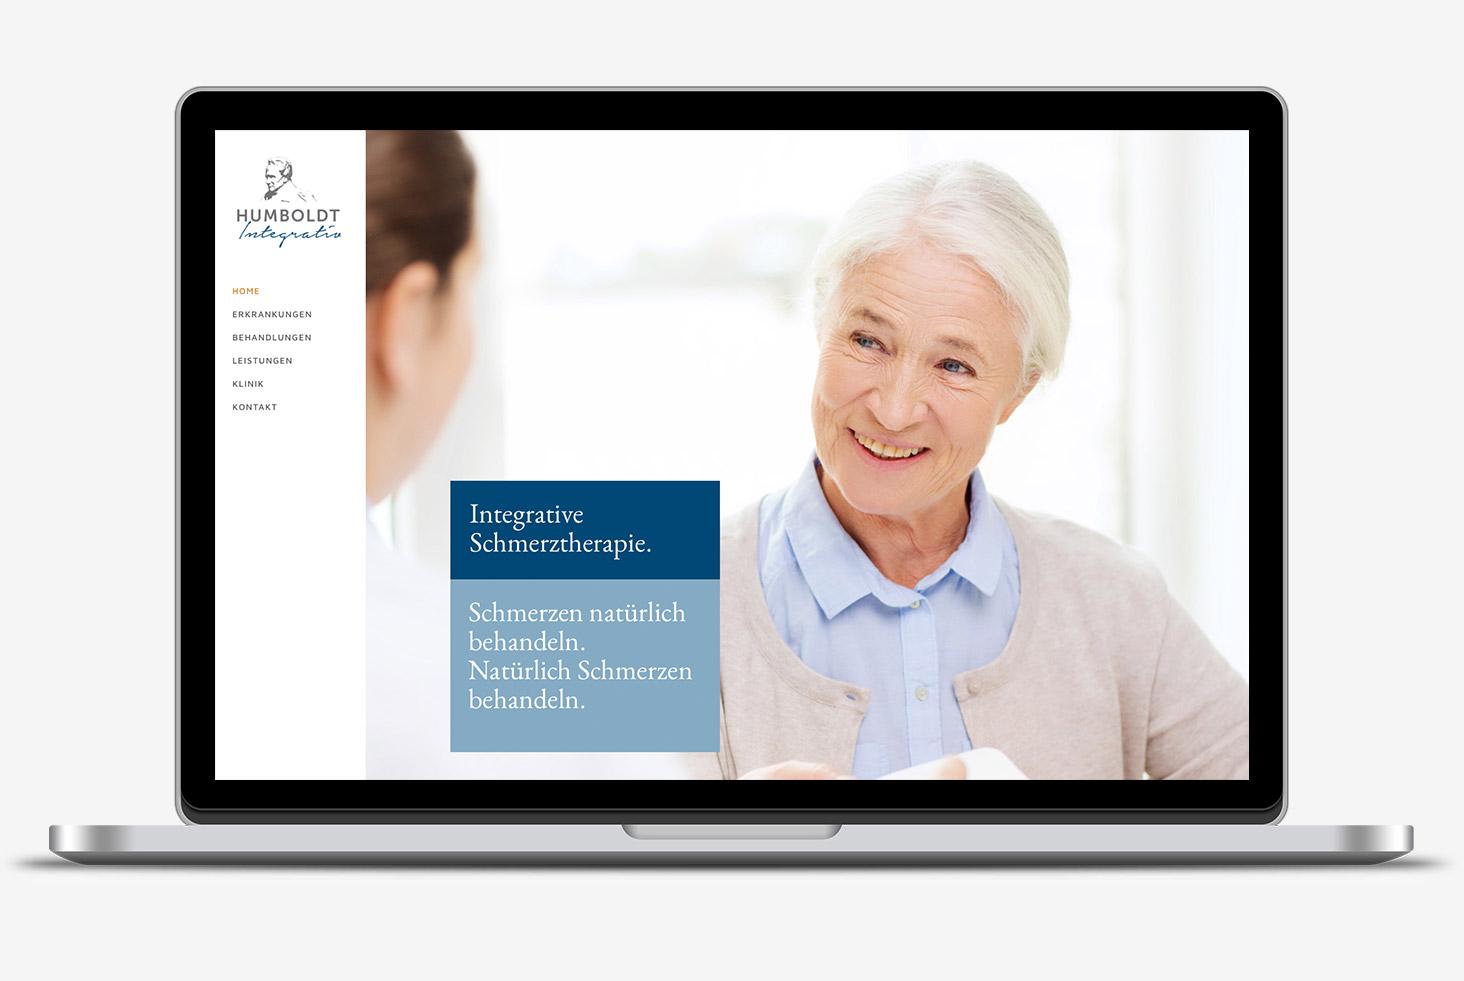 Humboldt Integrative online Humboldt becomes a brand